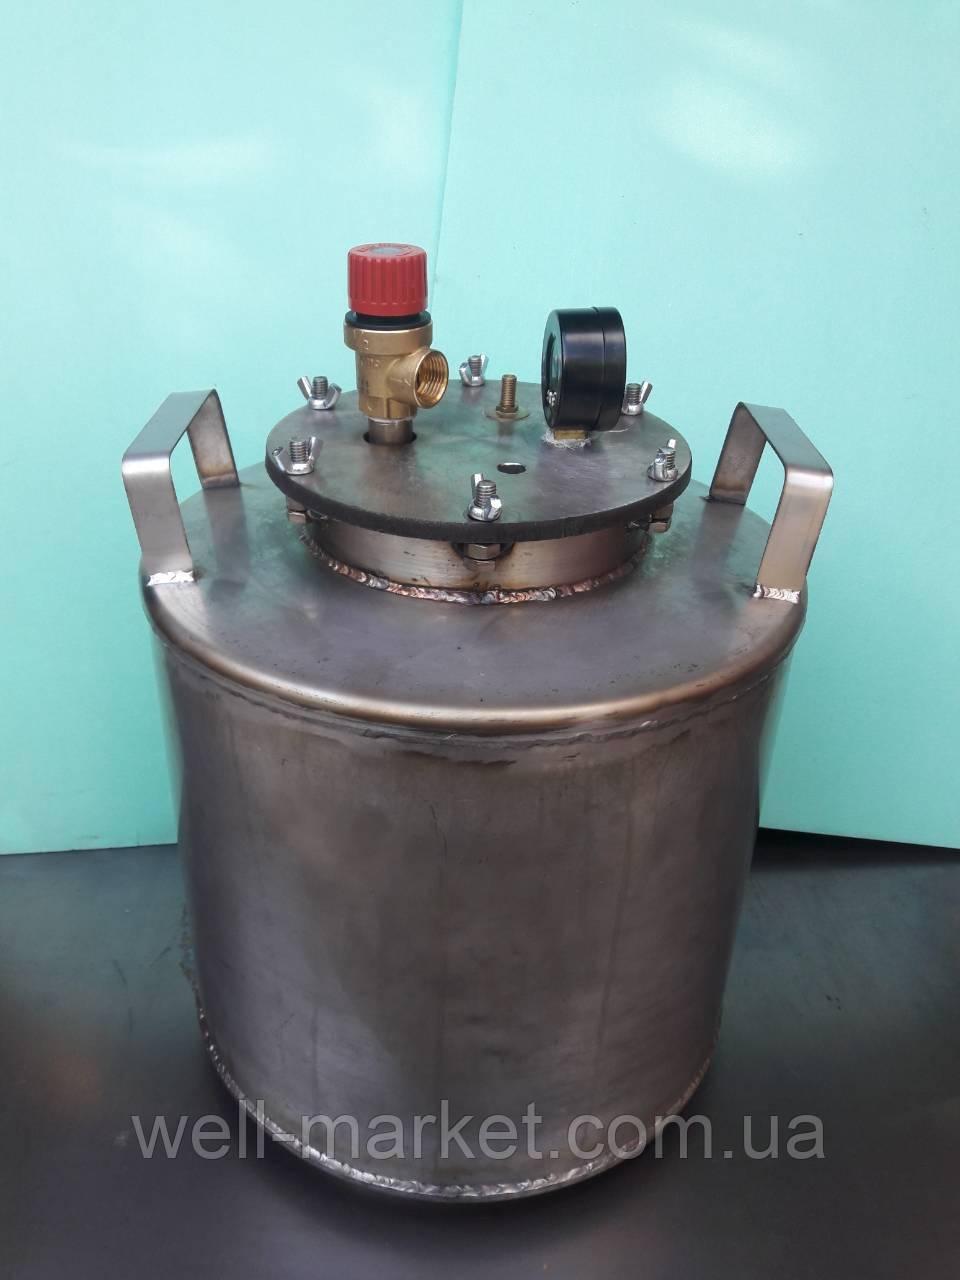 Автоклав домашний из нержавеющий стали для домашнего консервирования 5 литровых (16 пол-литровых) банок